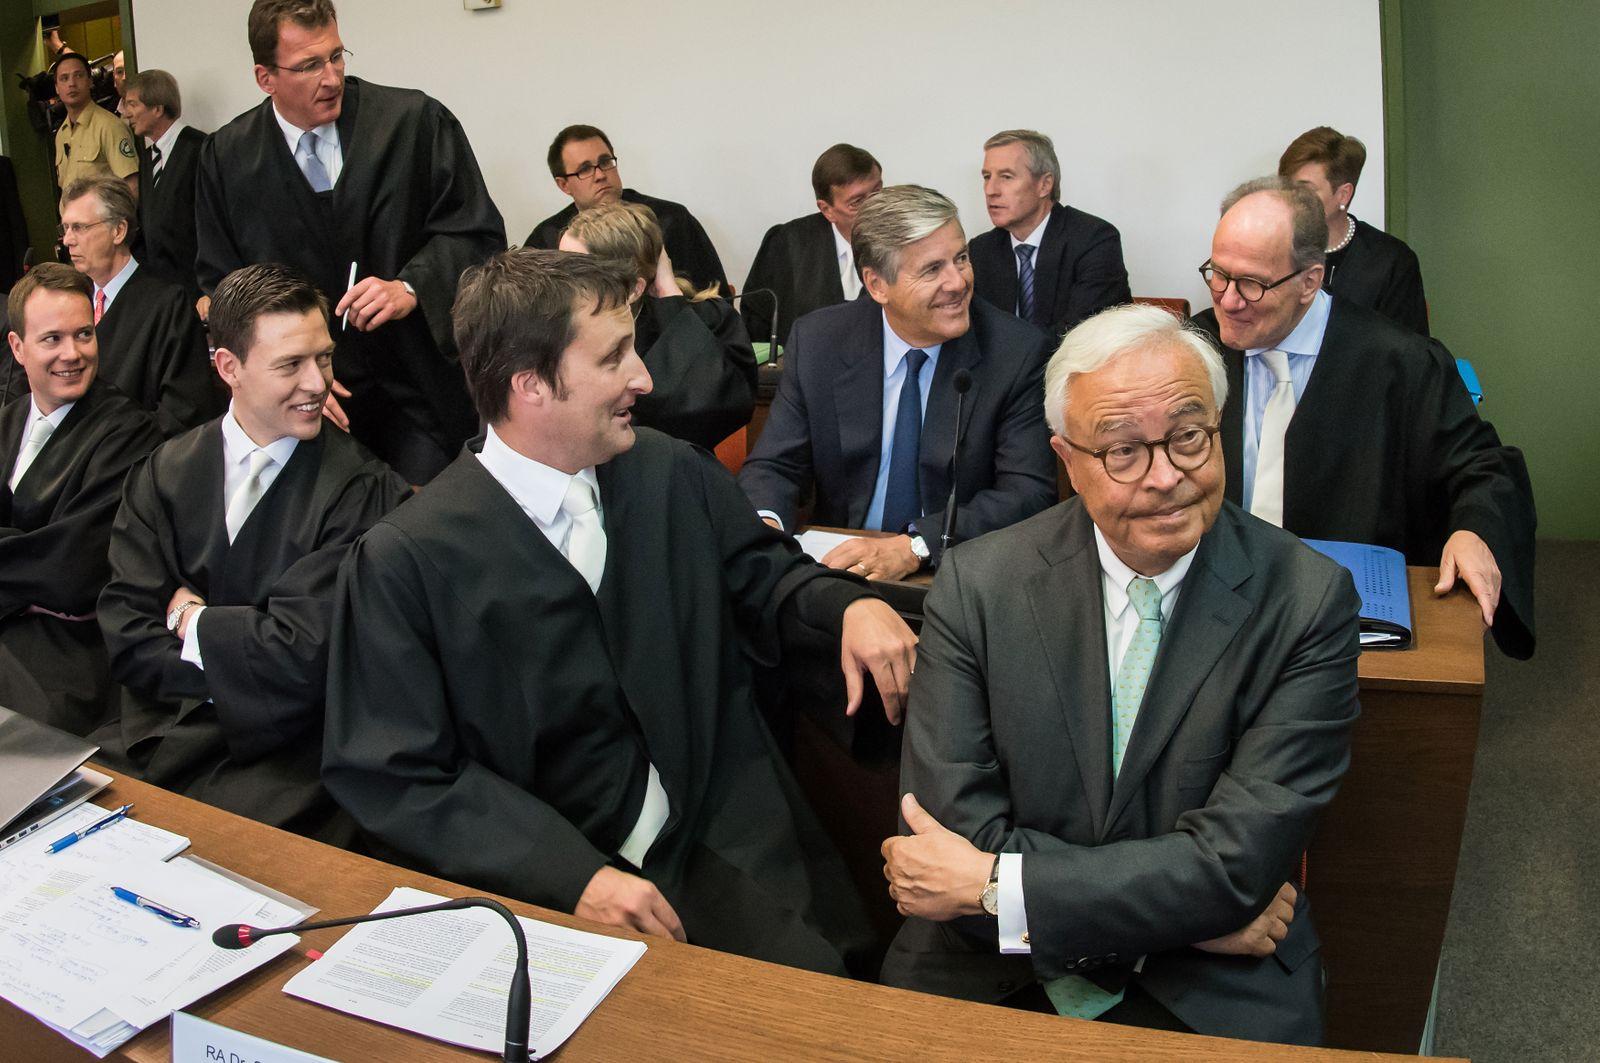 Prozess / Deutscn Bank / Fitschen / Breuer / Ackermann